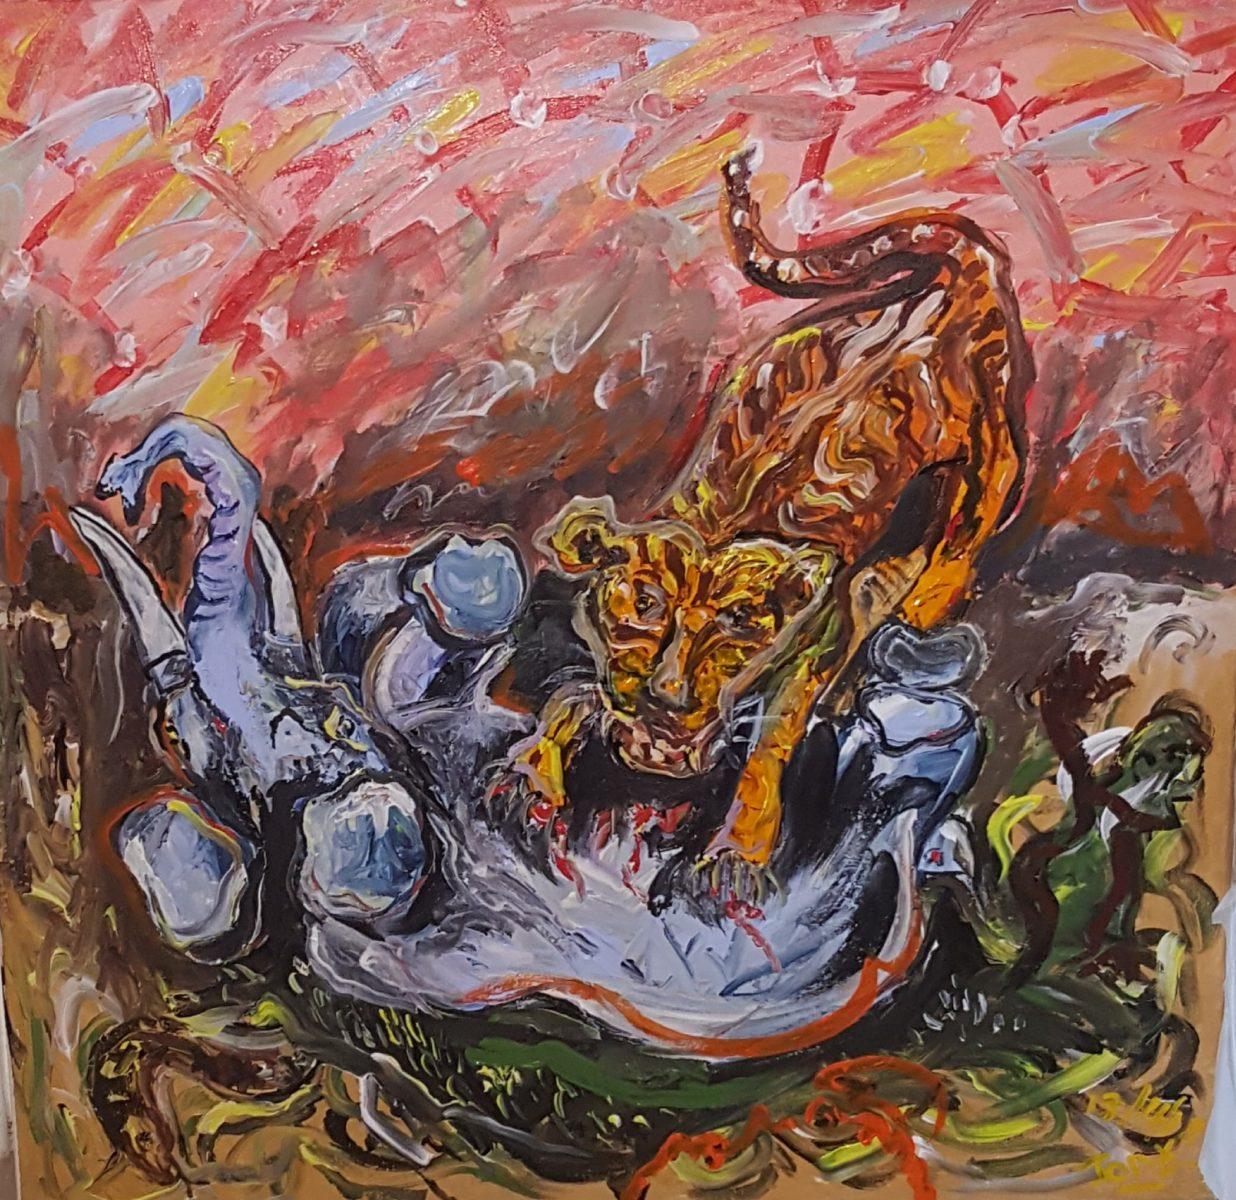 45339 || 4414 || Tiger tiger elephants plight